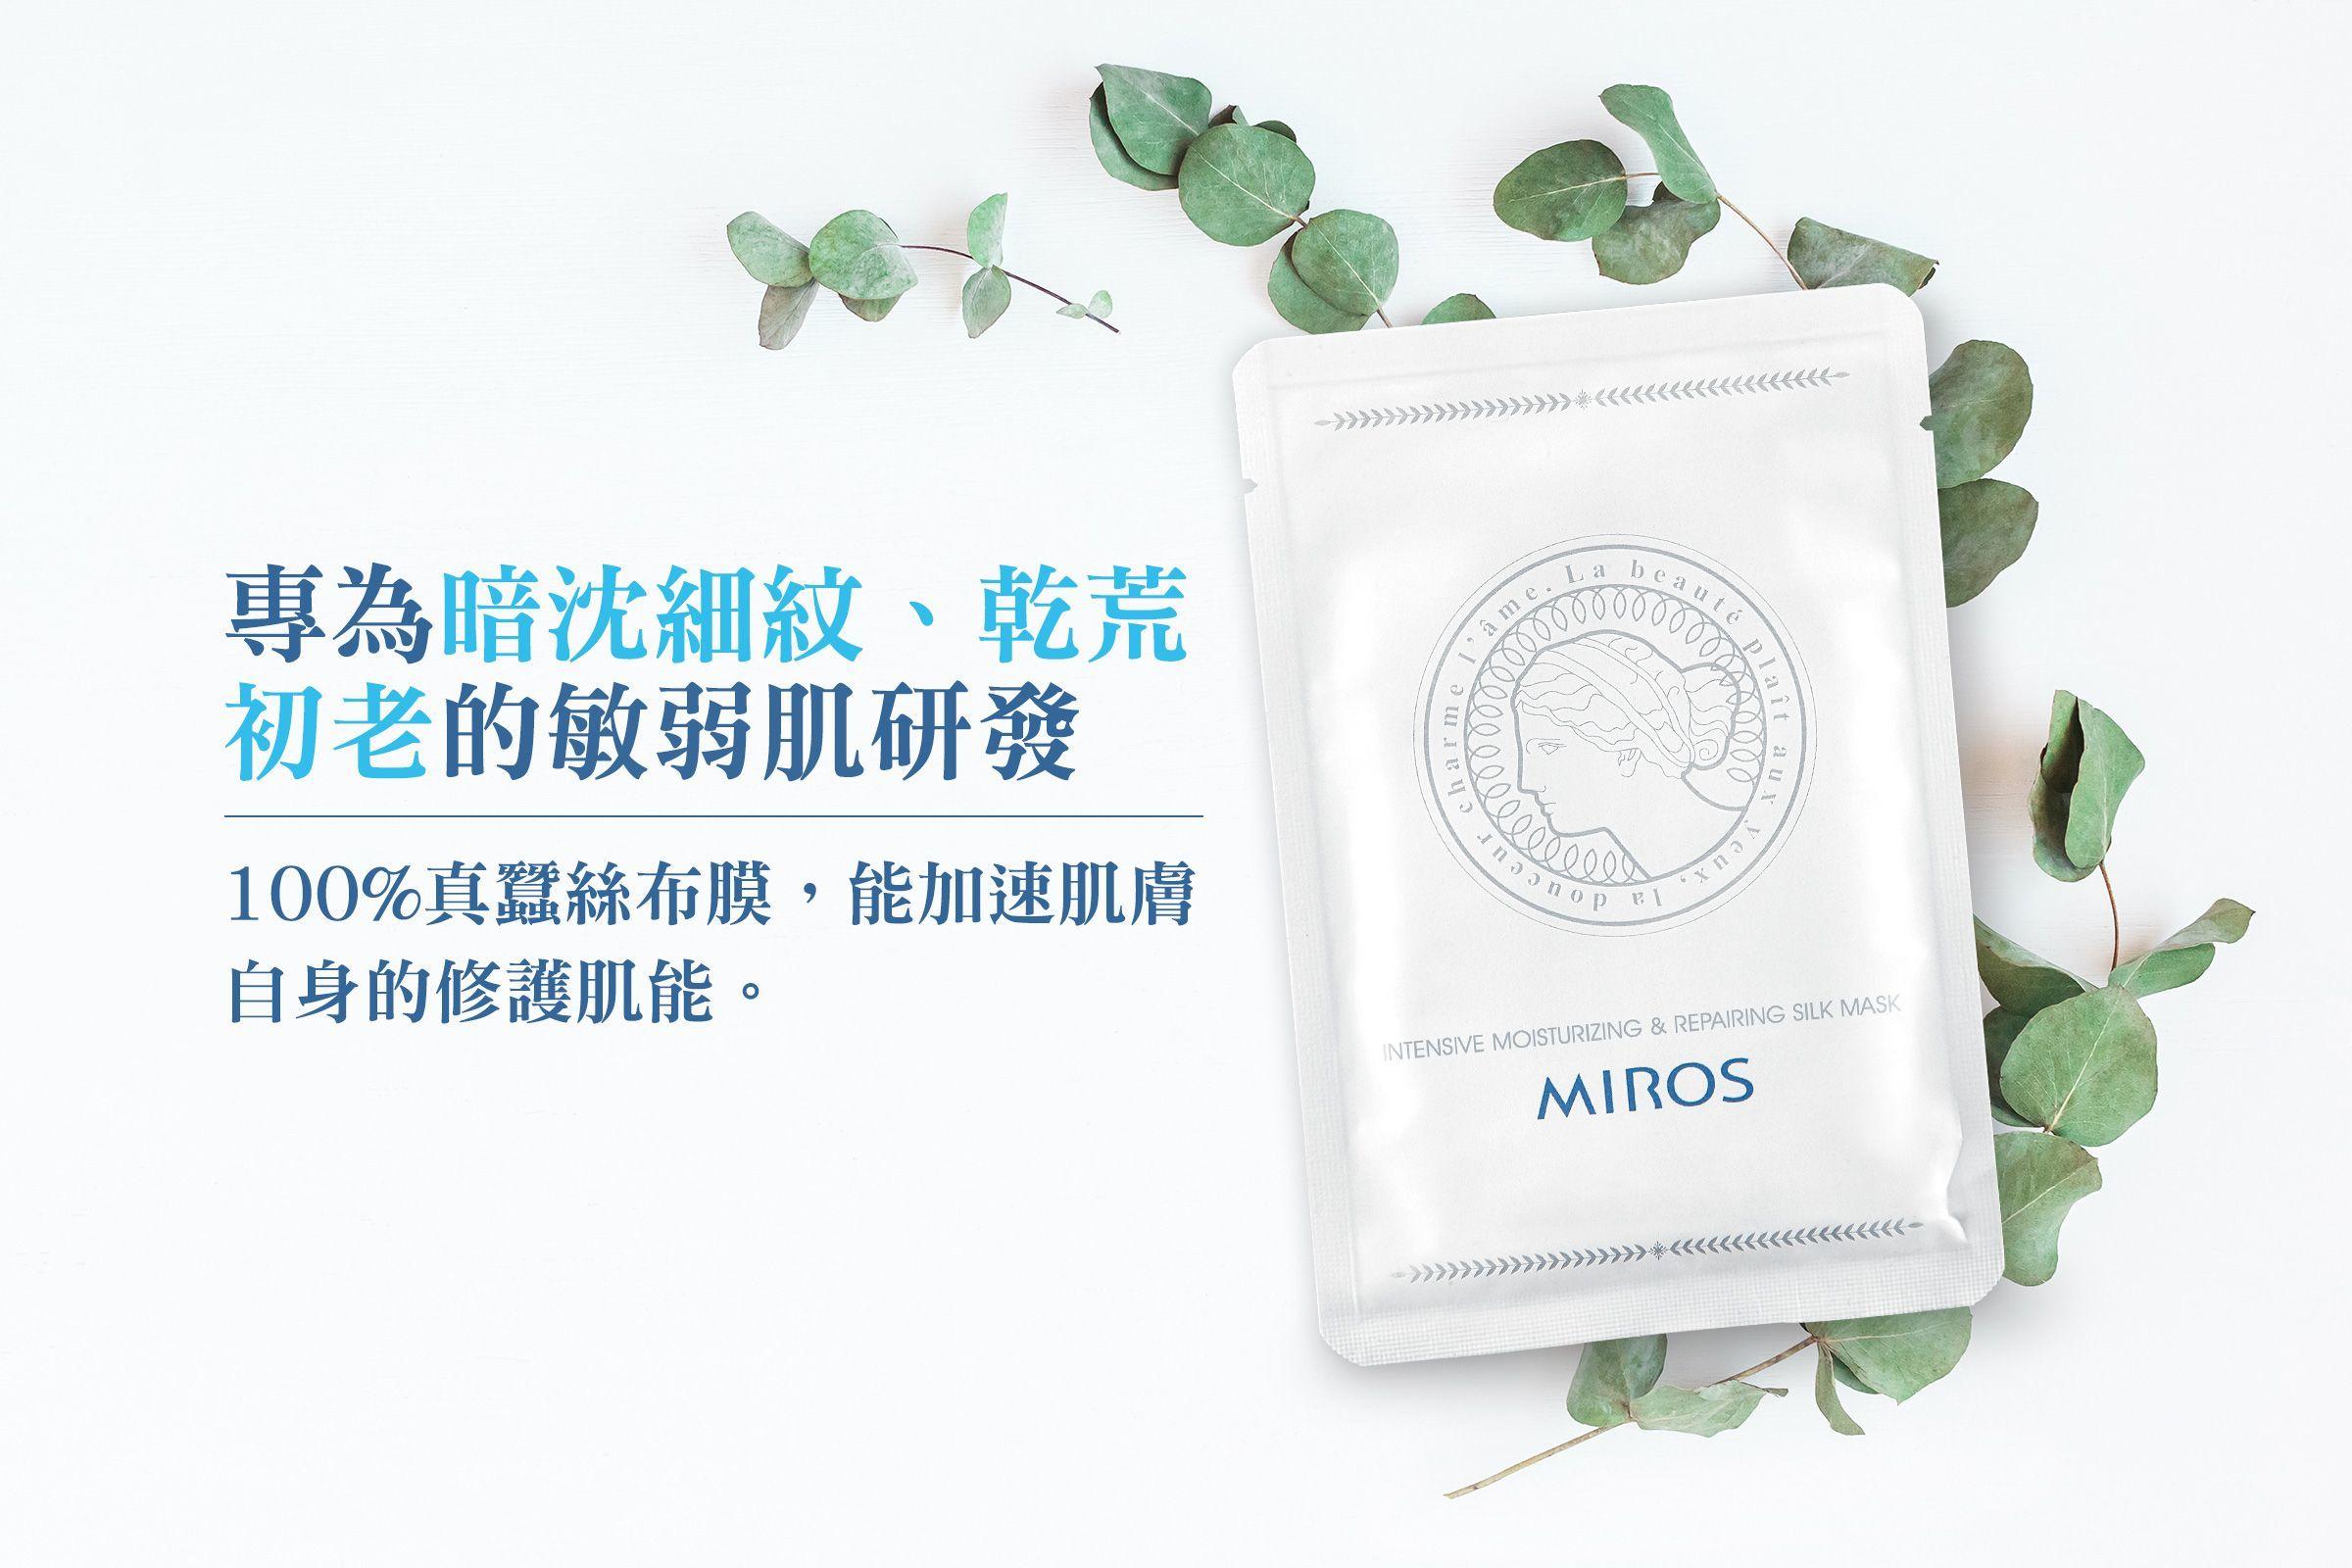 高保濕婙白修護蠶絲面膜